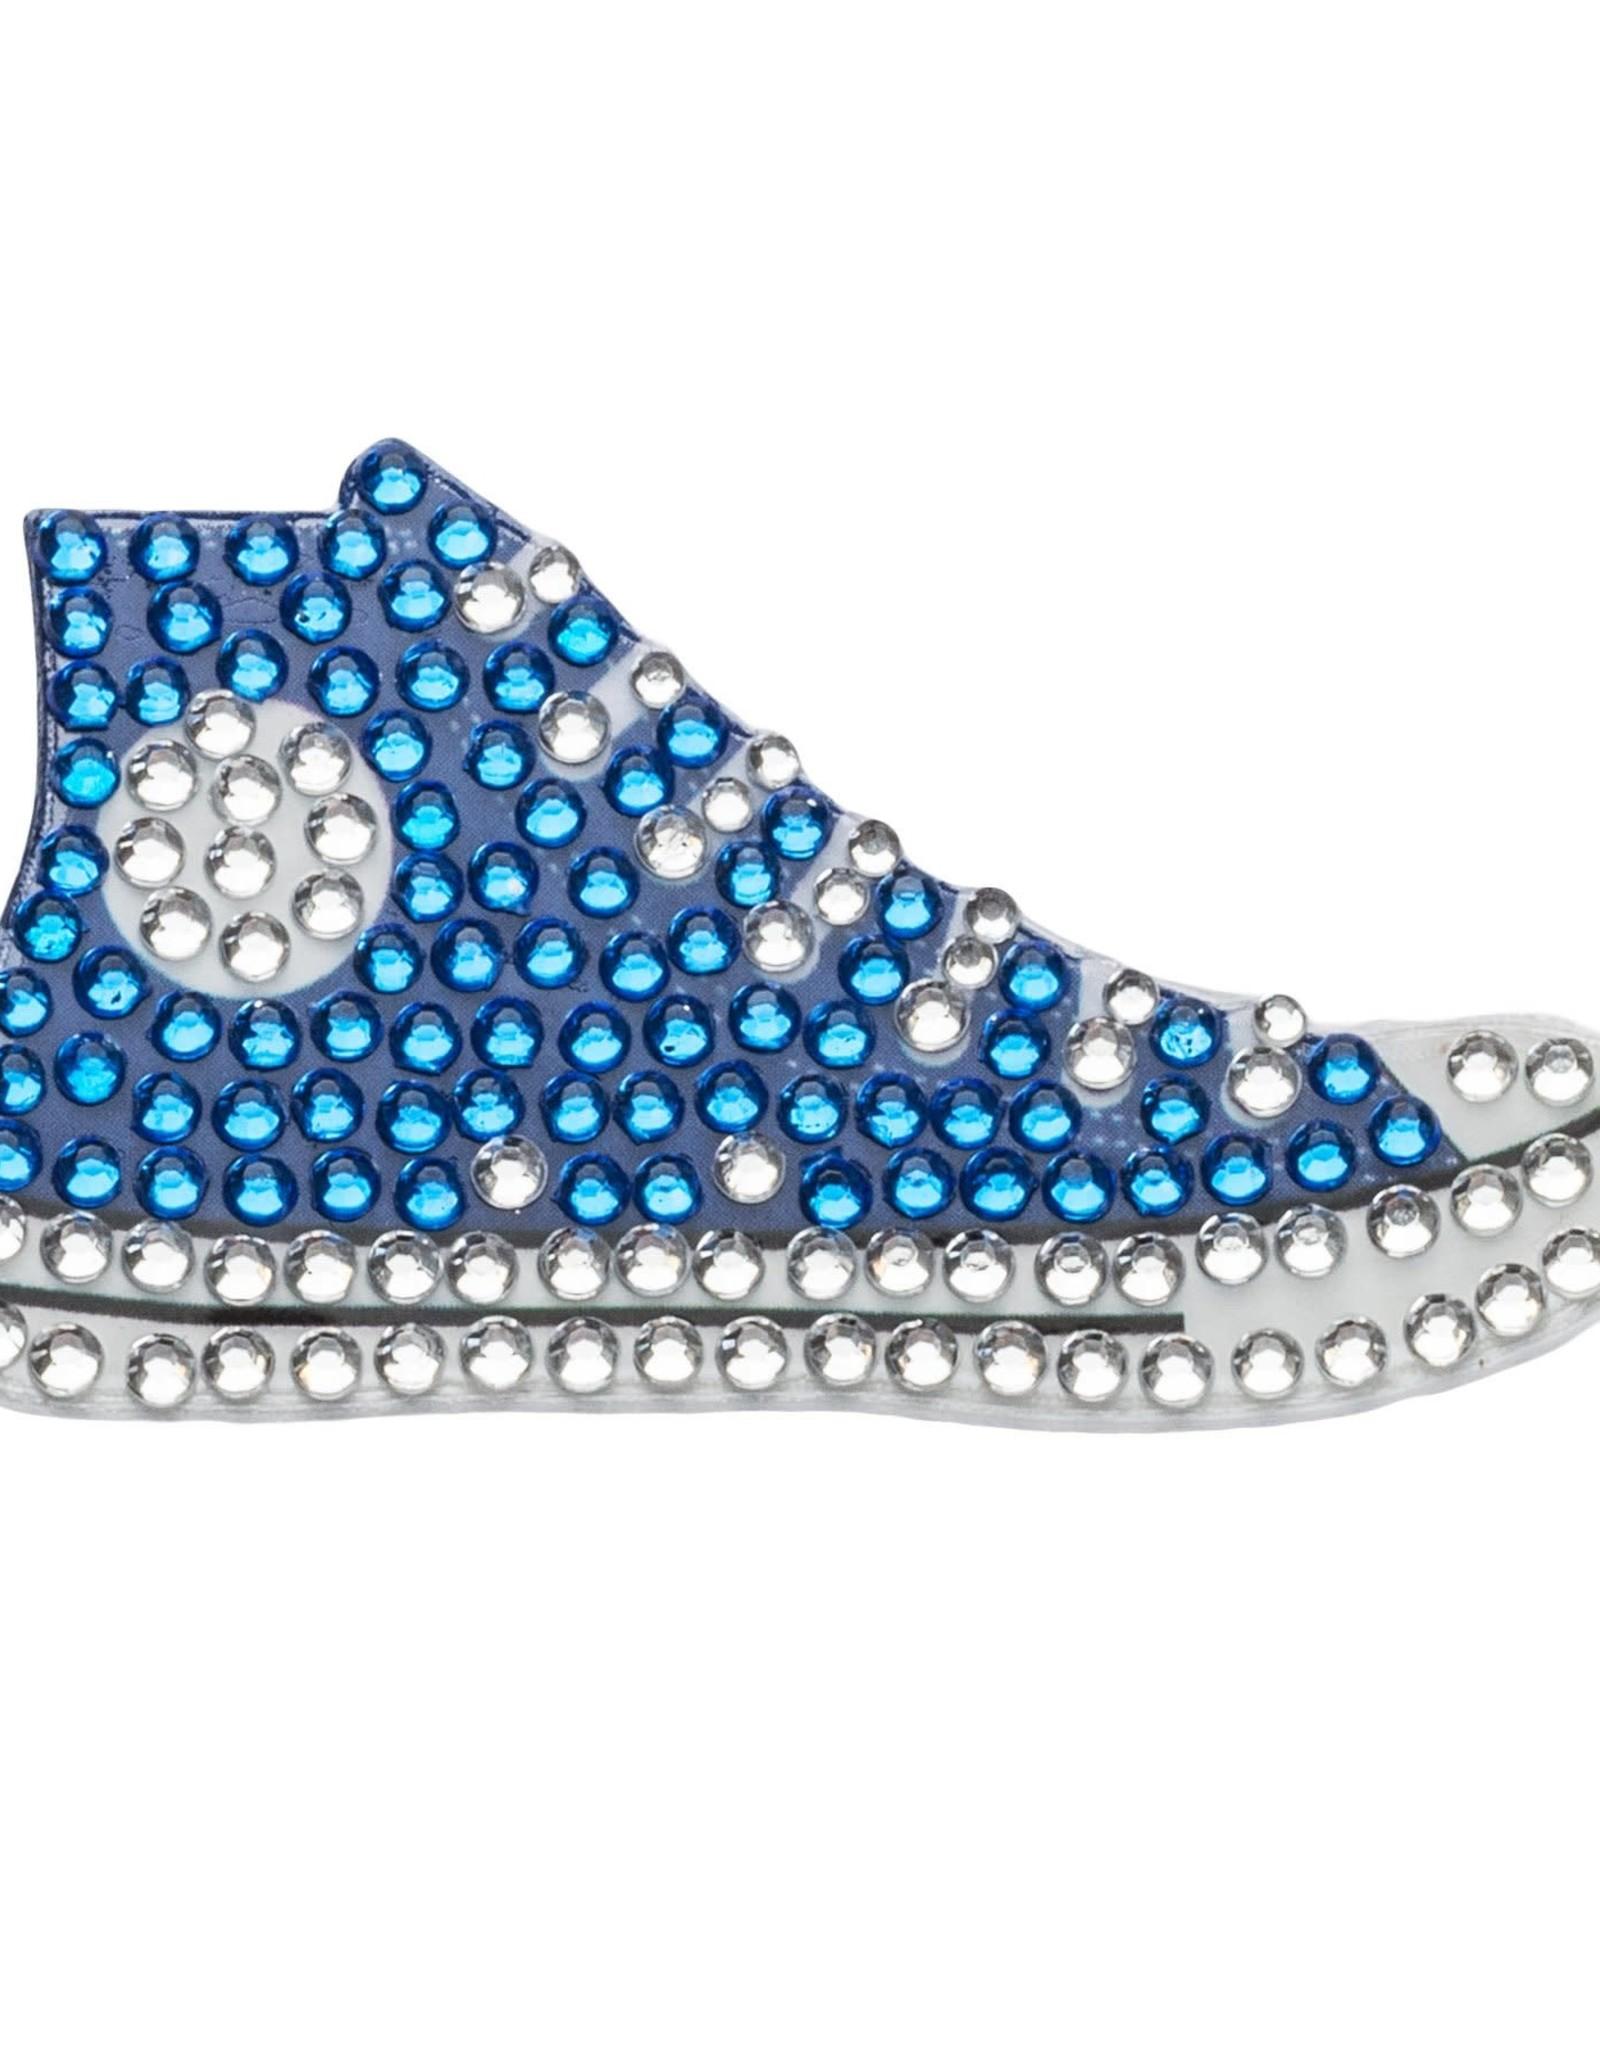 Sticker Beans Sticker Bean Blue Sneaker